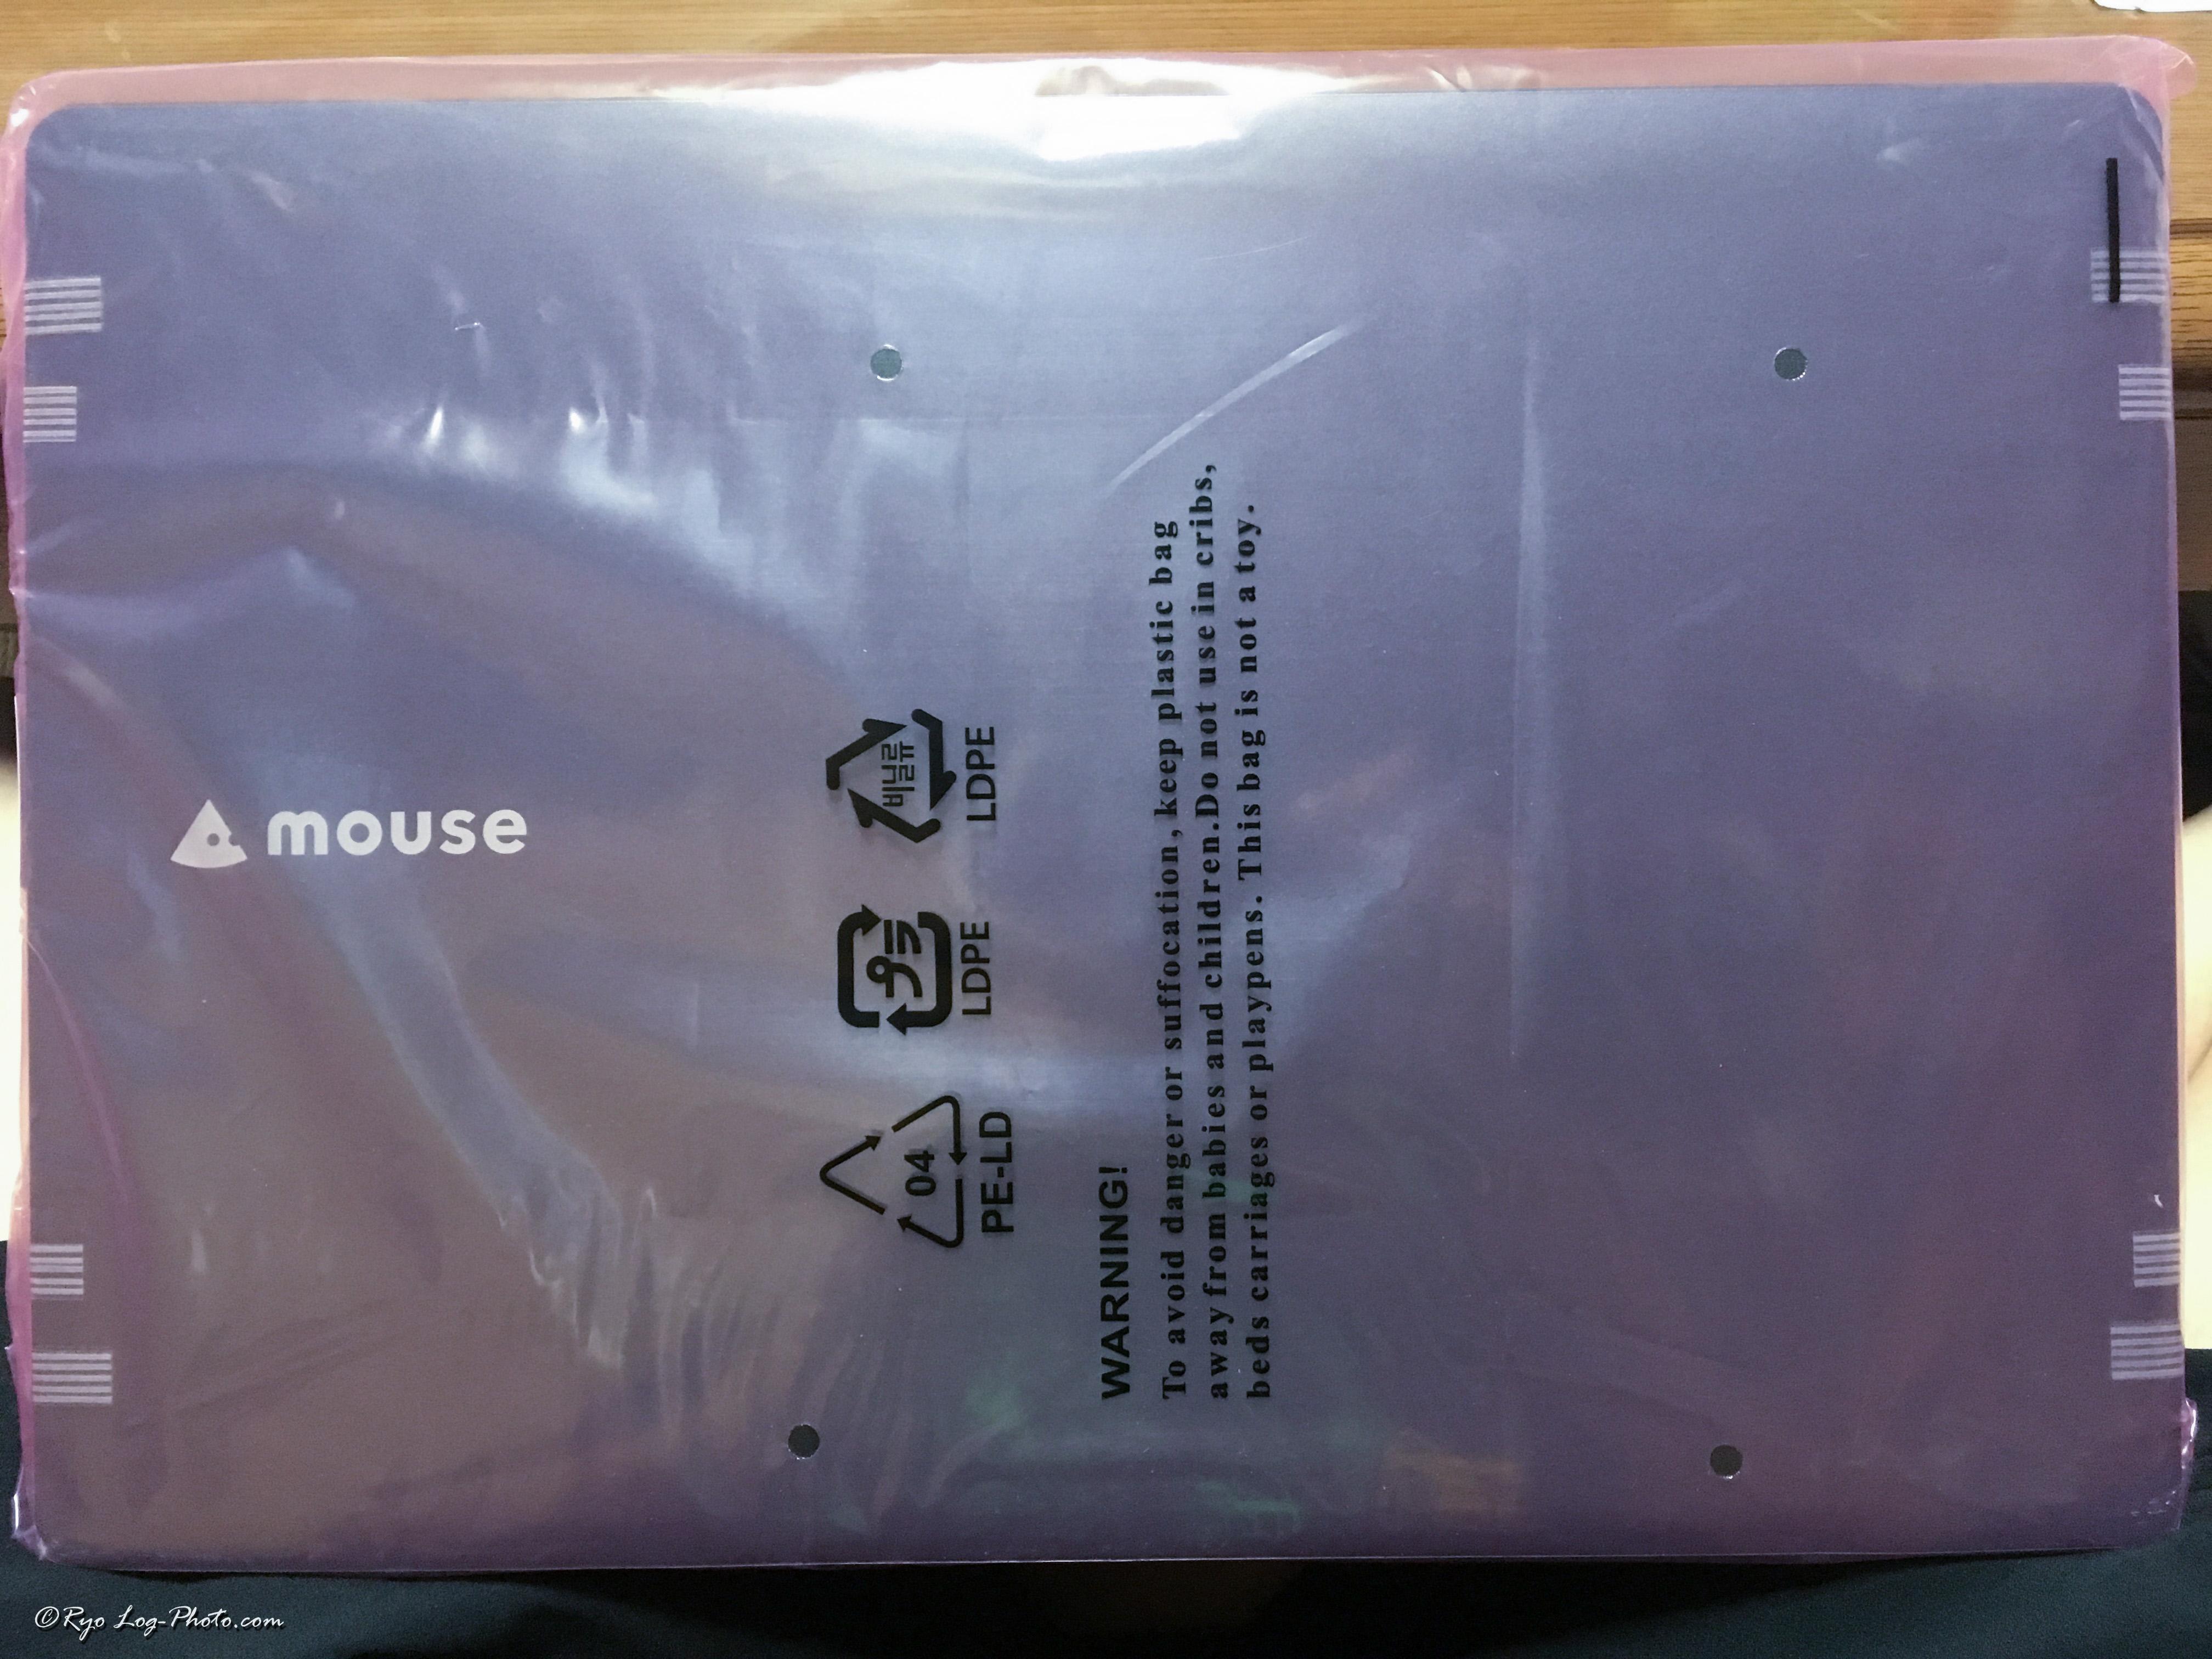 マウスコンピューター 丁寧な梱包